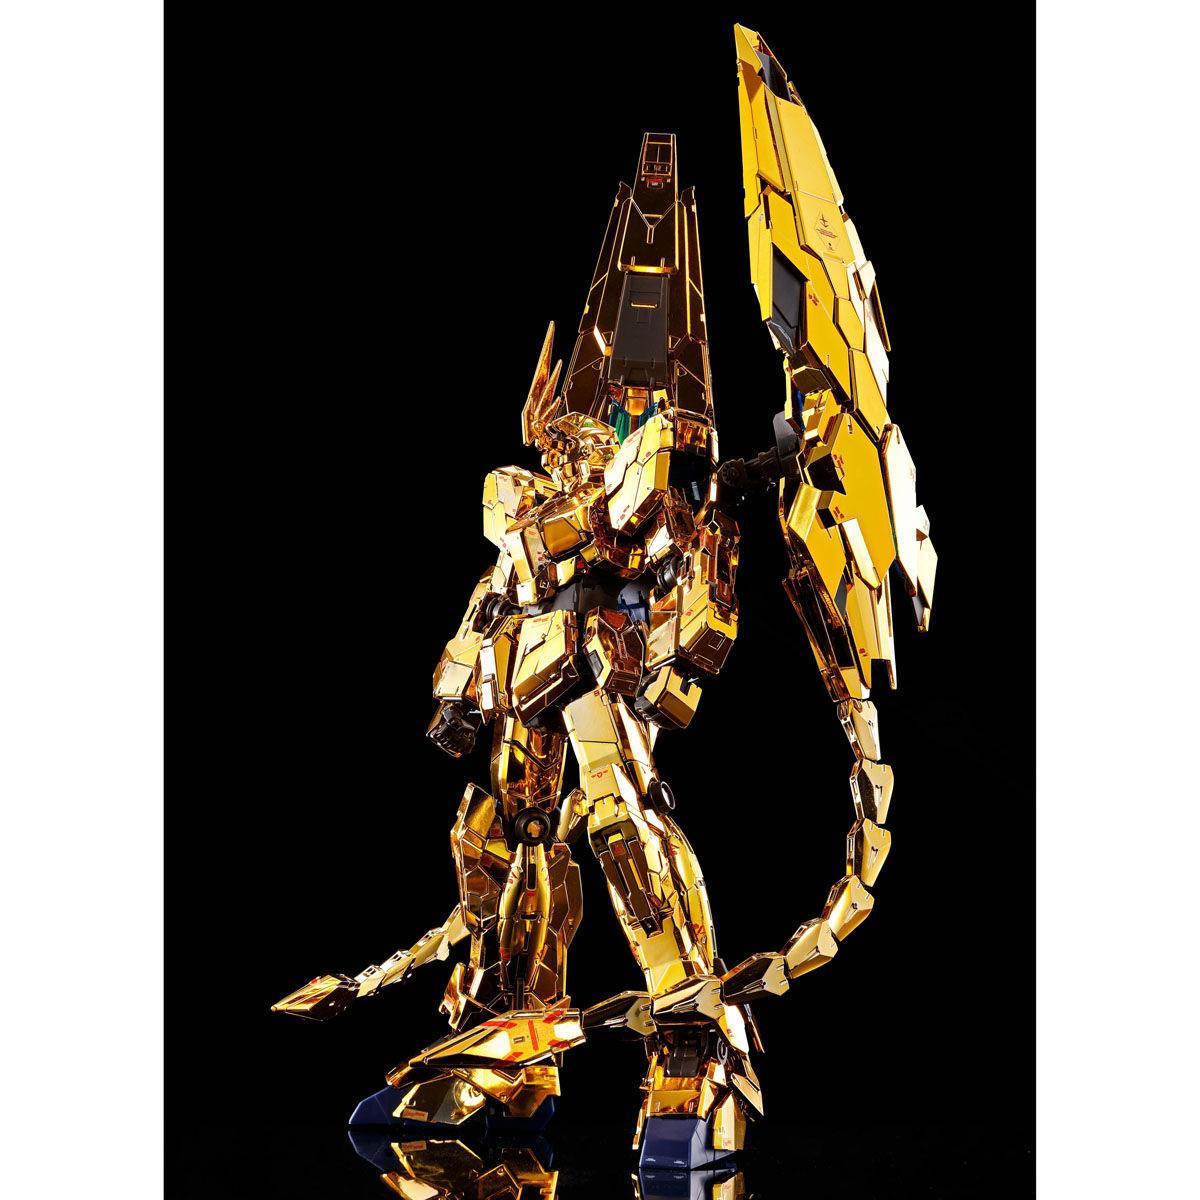 【限定販売】RG 1/144『ユニコーンガンダム3号機 フェネクス(ナラティブVer.)』プラモデル-008